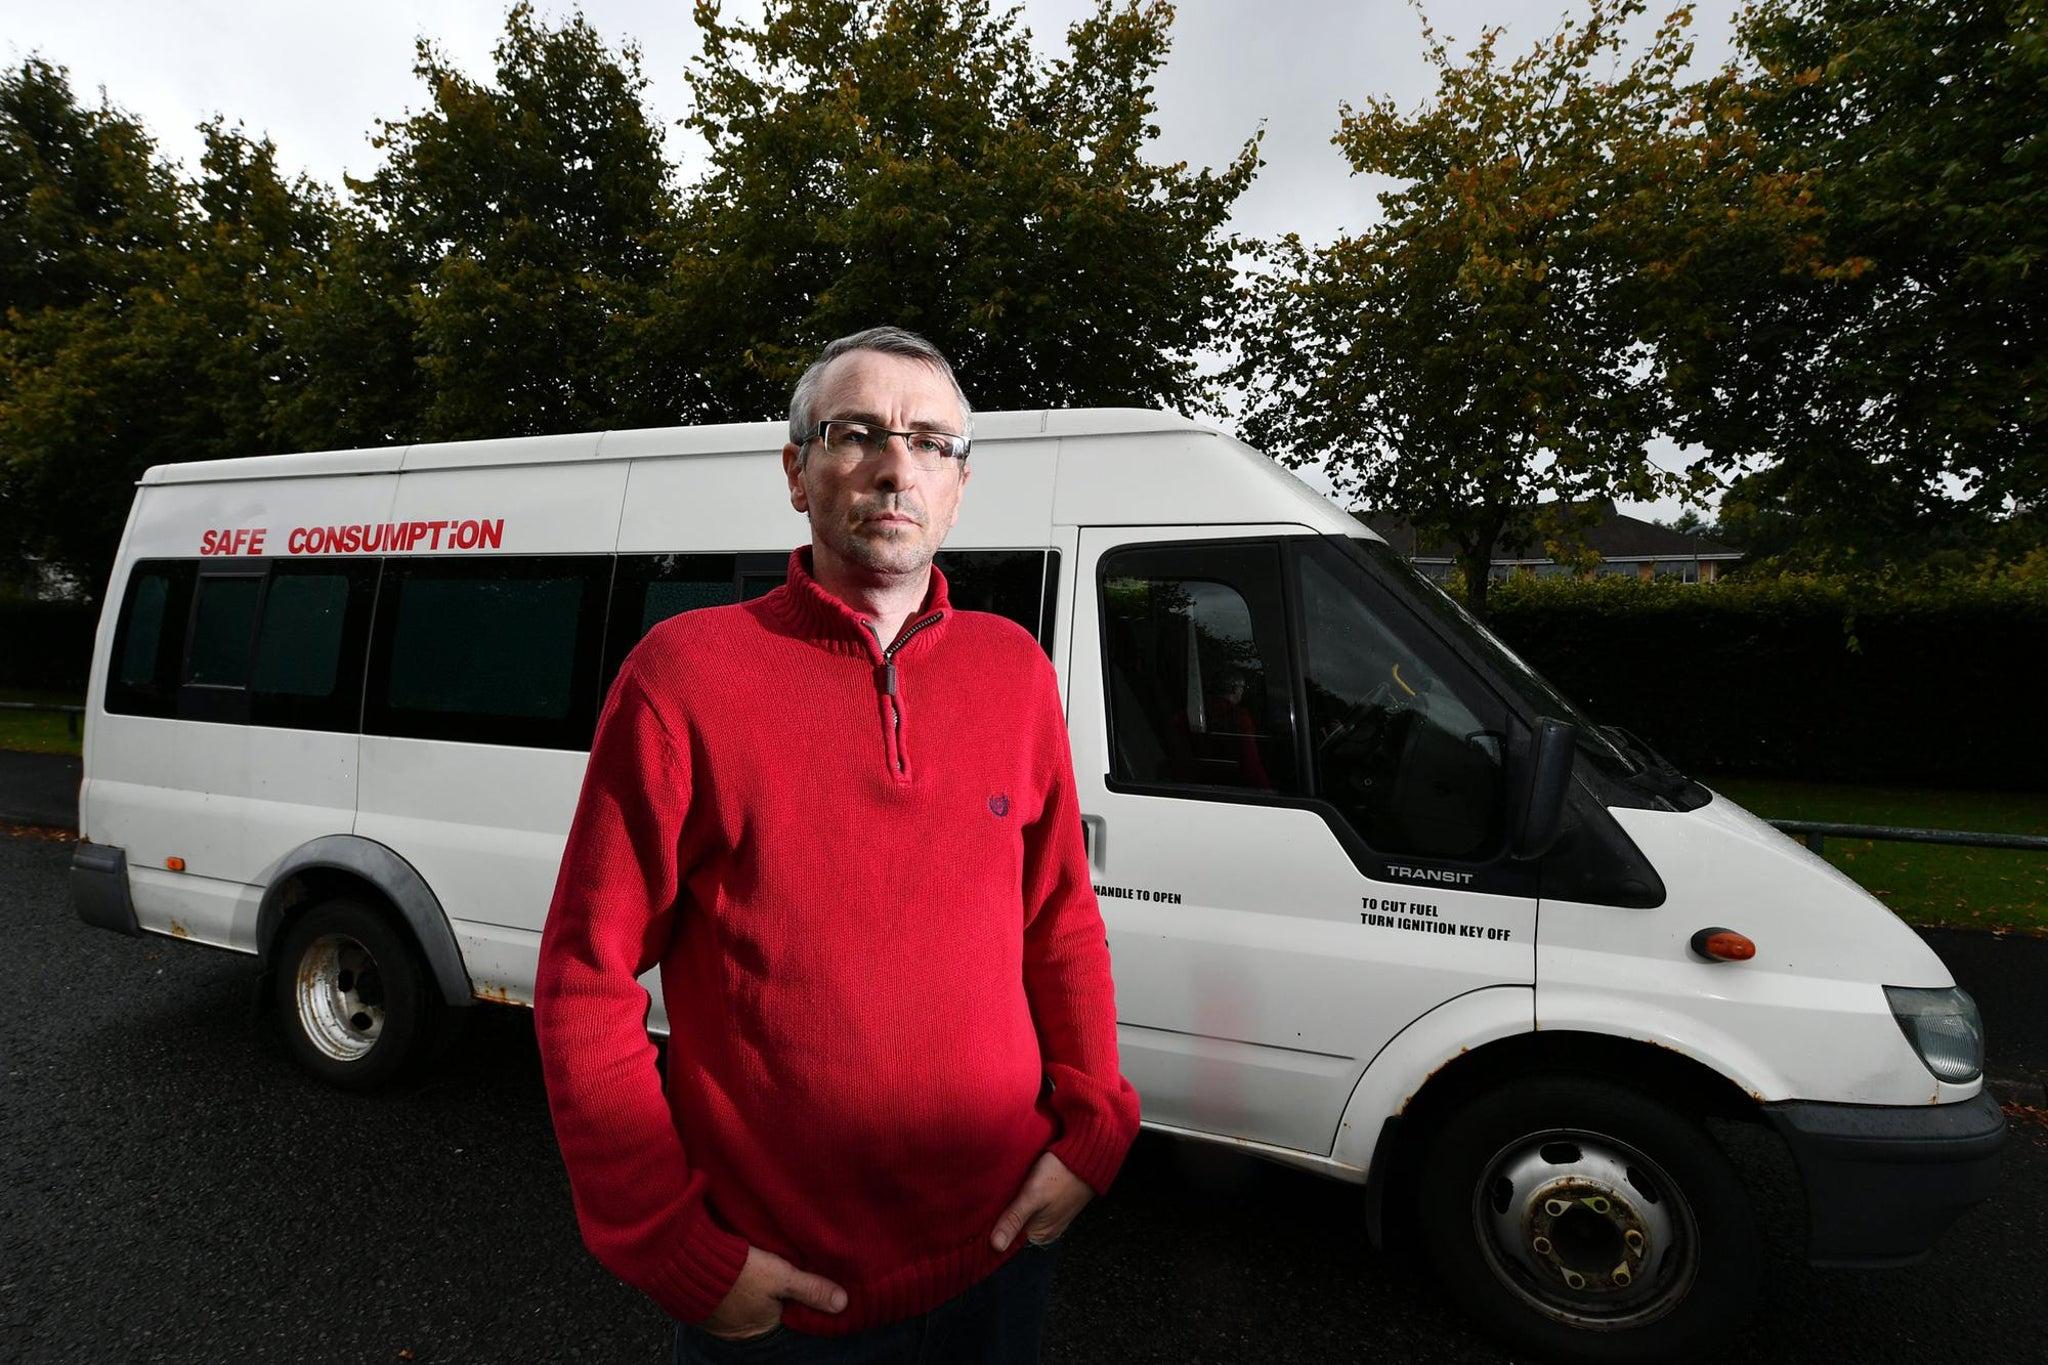 В Великобритании заработала первая безопасная комната для приема наркотиков